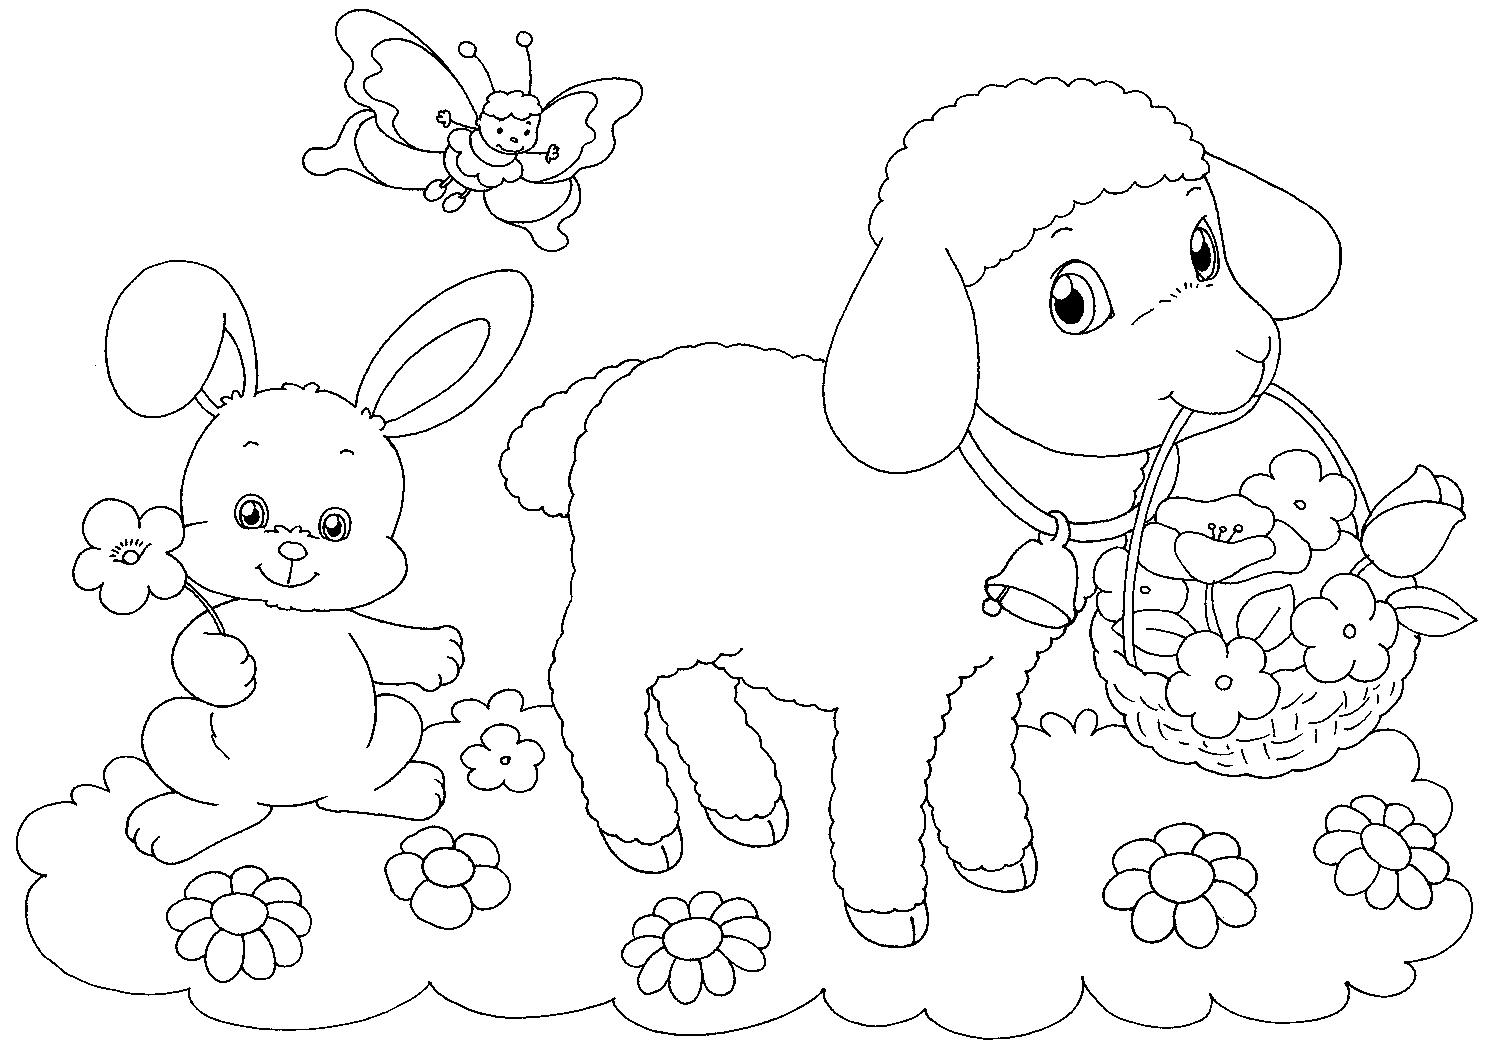 Dibujo 8 para colorear imprimir y pintar dibujos para for Imagenes de cuadros abstractos para colorear